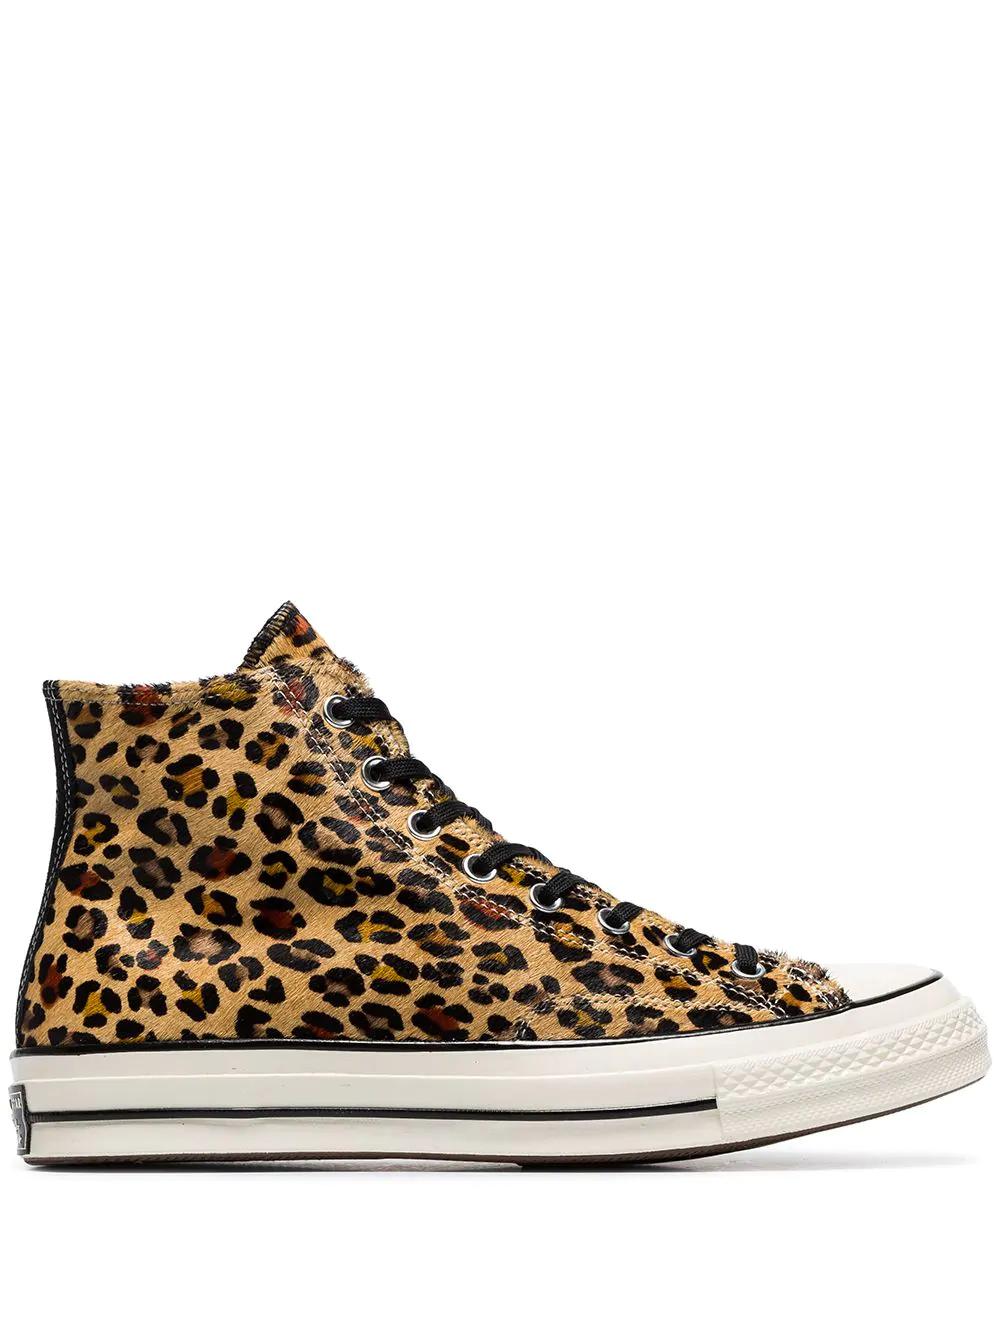 abbcccf17986 Converse 1970S Chuck Taylor All Star Leopard-Print Faux Calf Hair High-Top  Sneakers